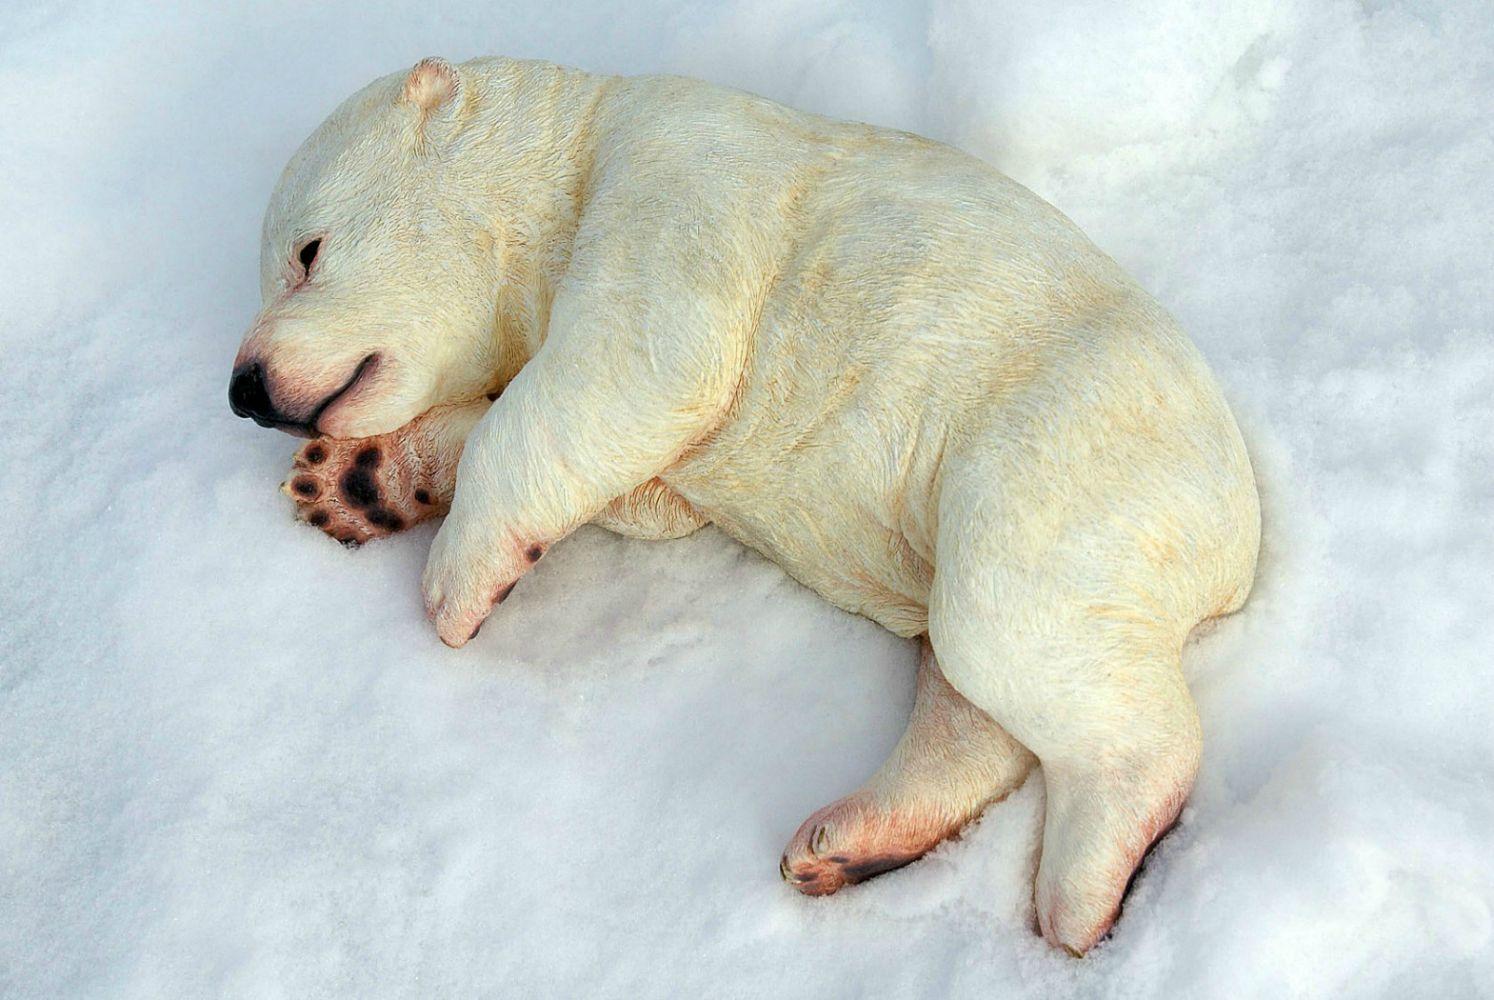 Sleeping Baby Polar Bear Sculpture For The San Diego Zoo S